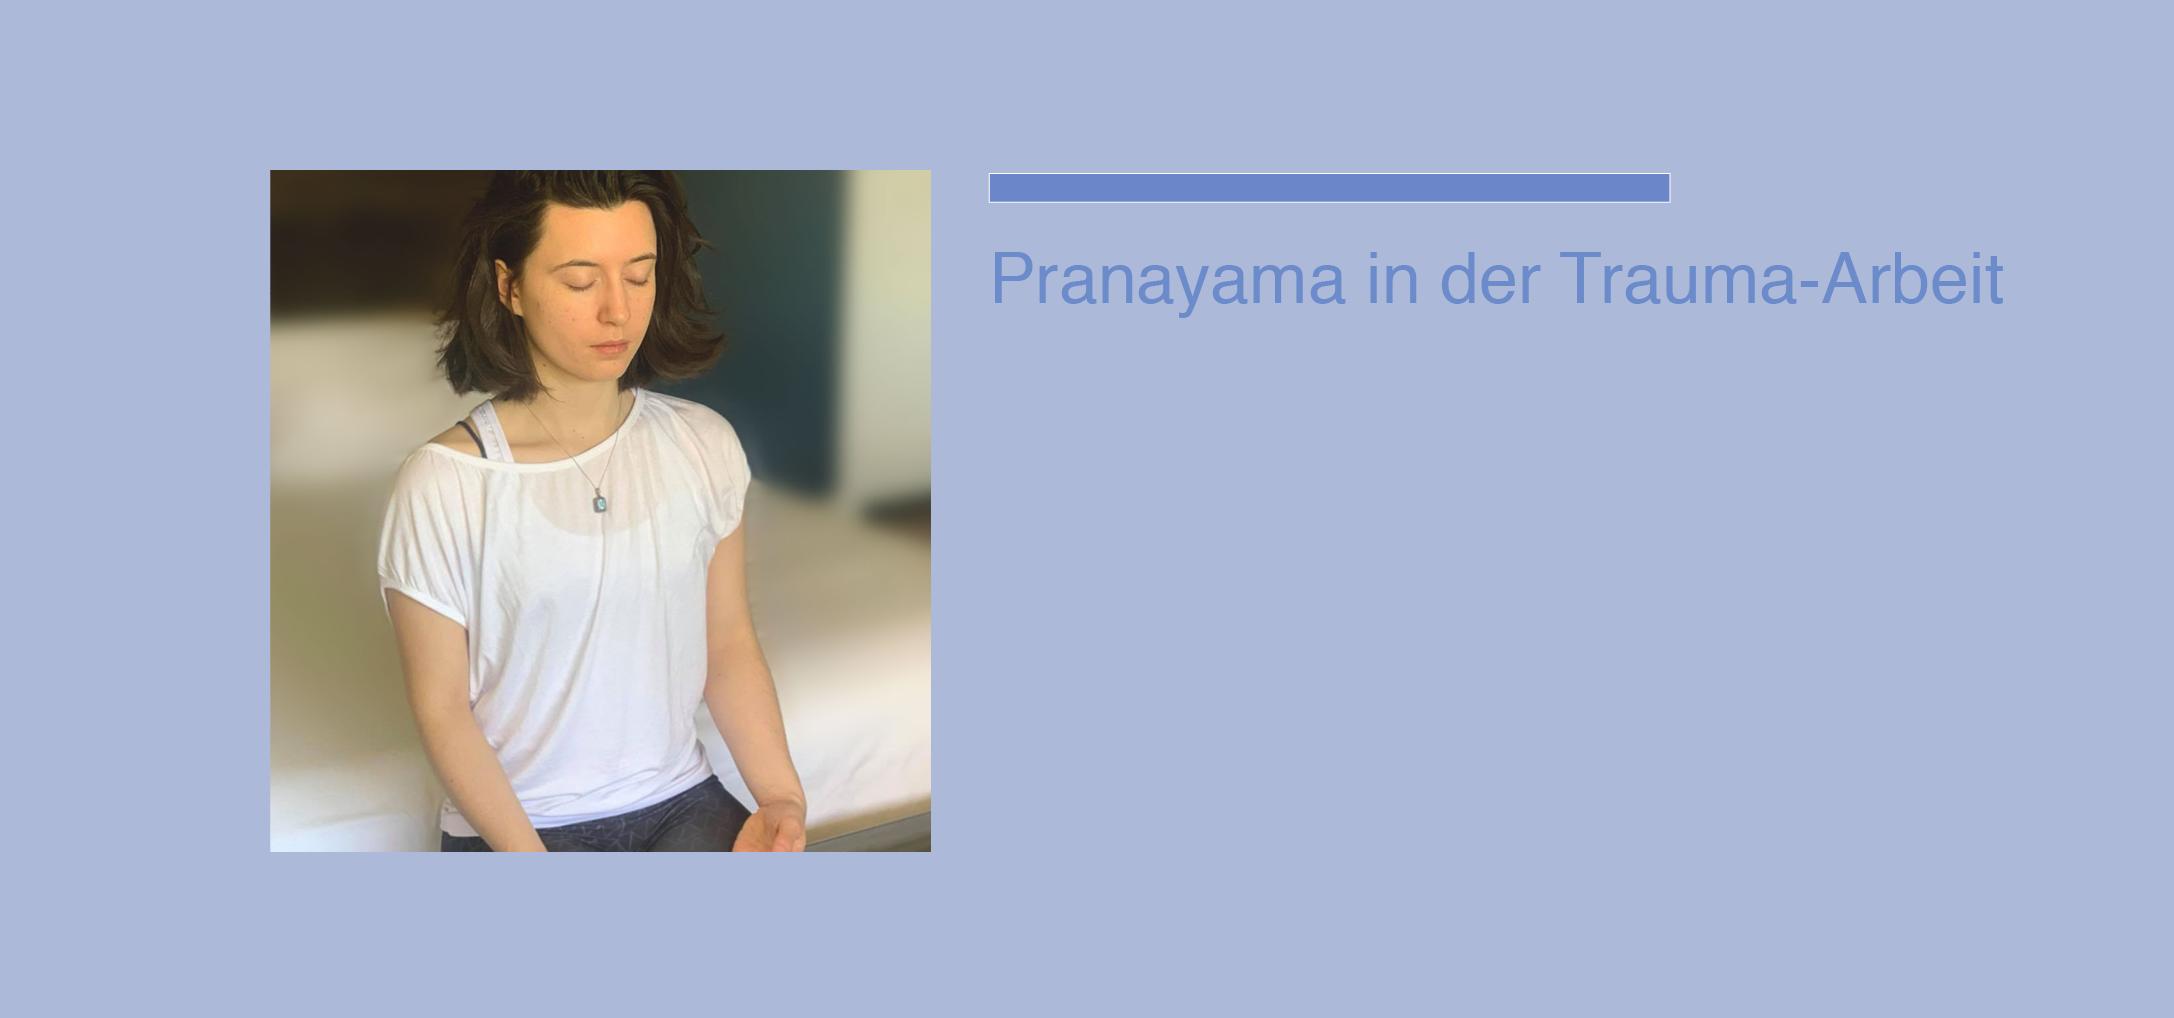 Pranayama und Trauma